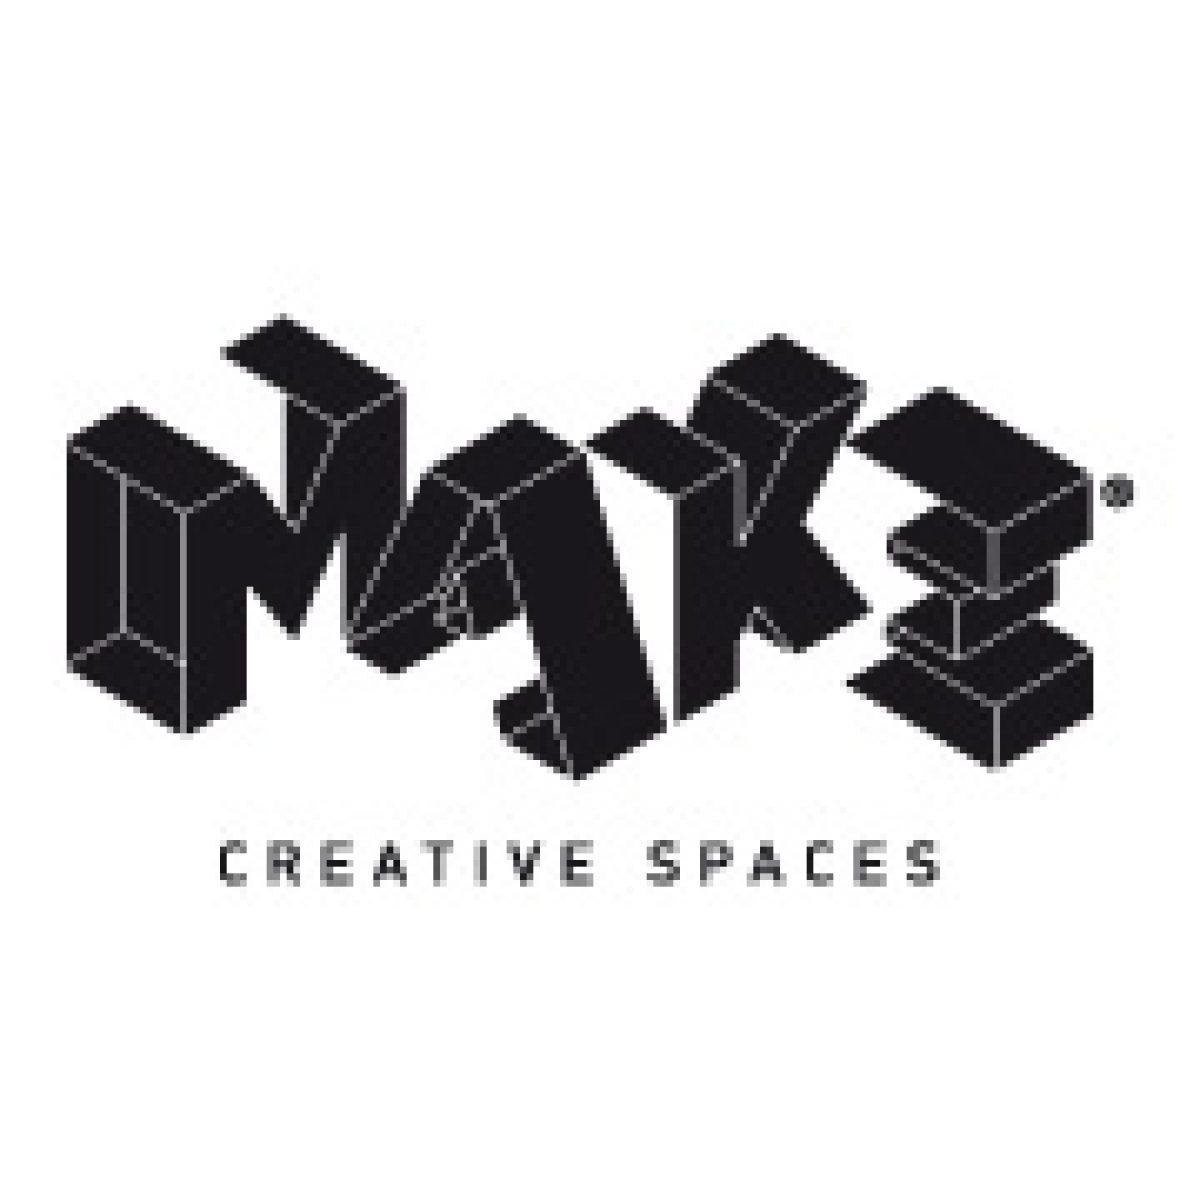 Η εταιρεία Make Creative Spaces αναζητά Αρχιτέκτονα Μηχανικό με 6ετή εργασιακή εμπειρία